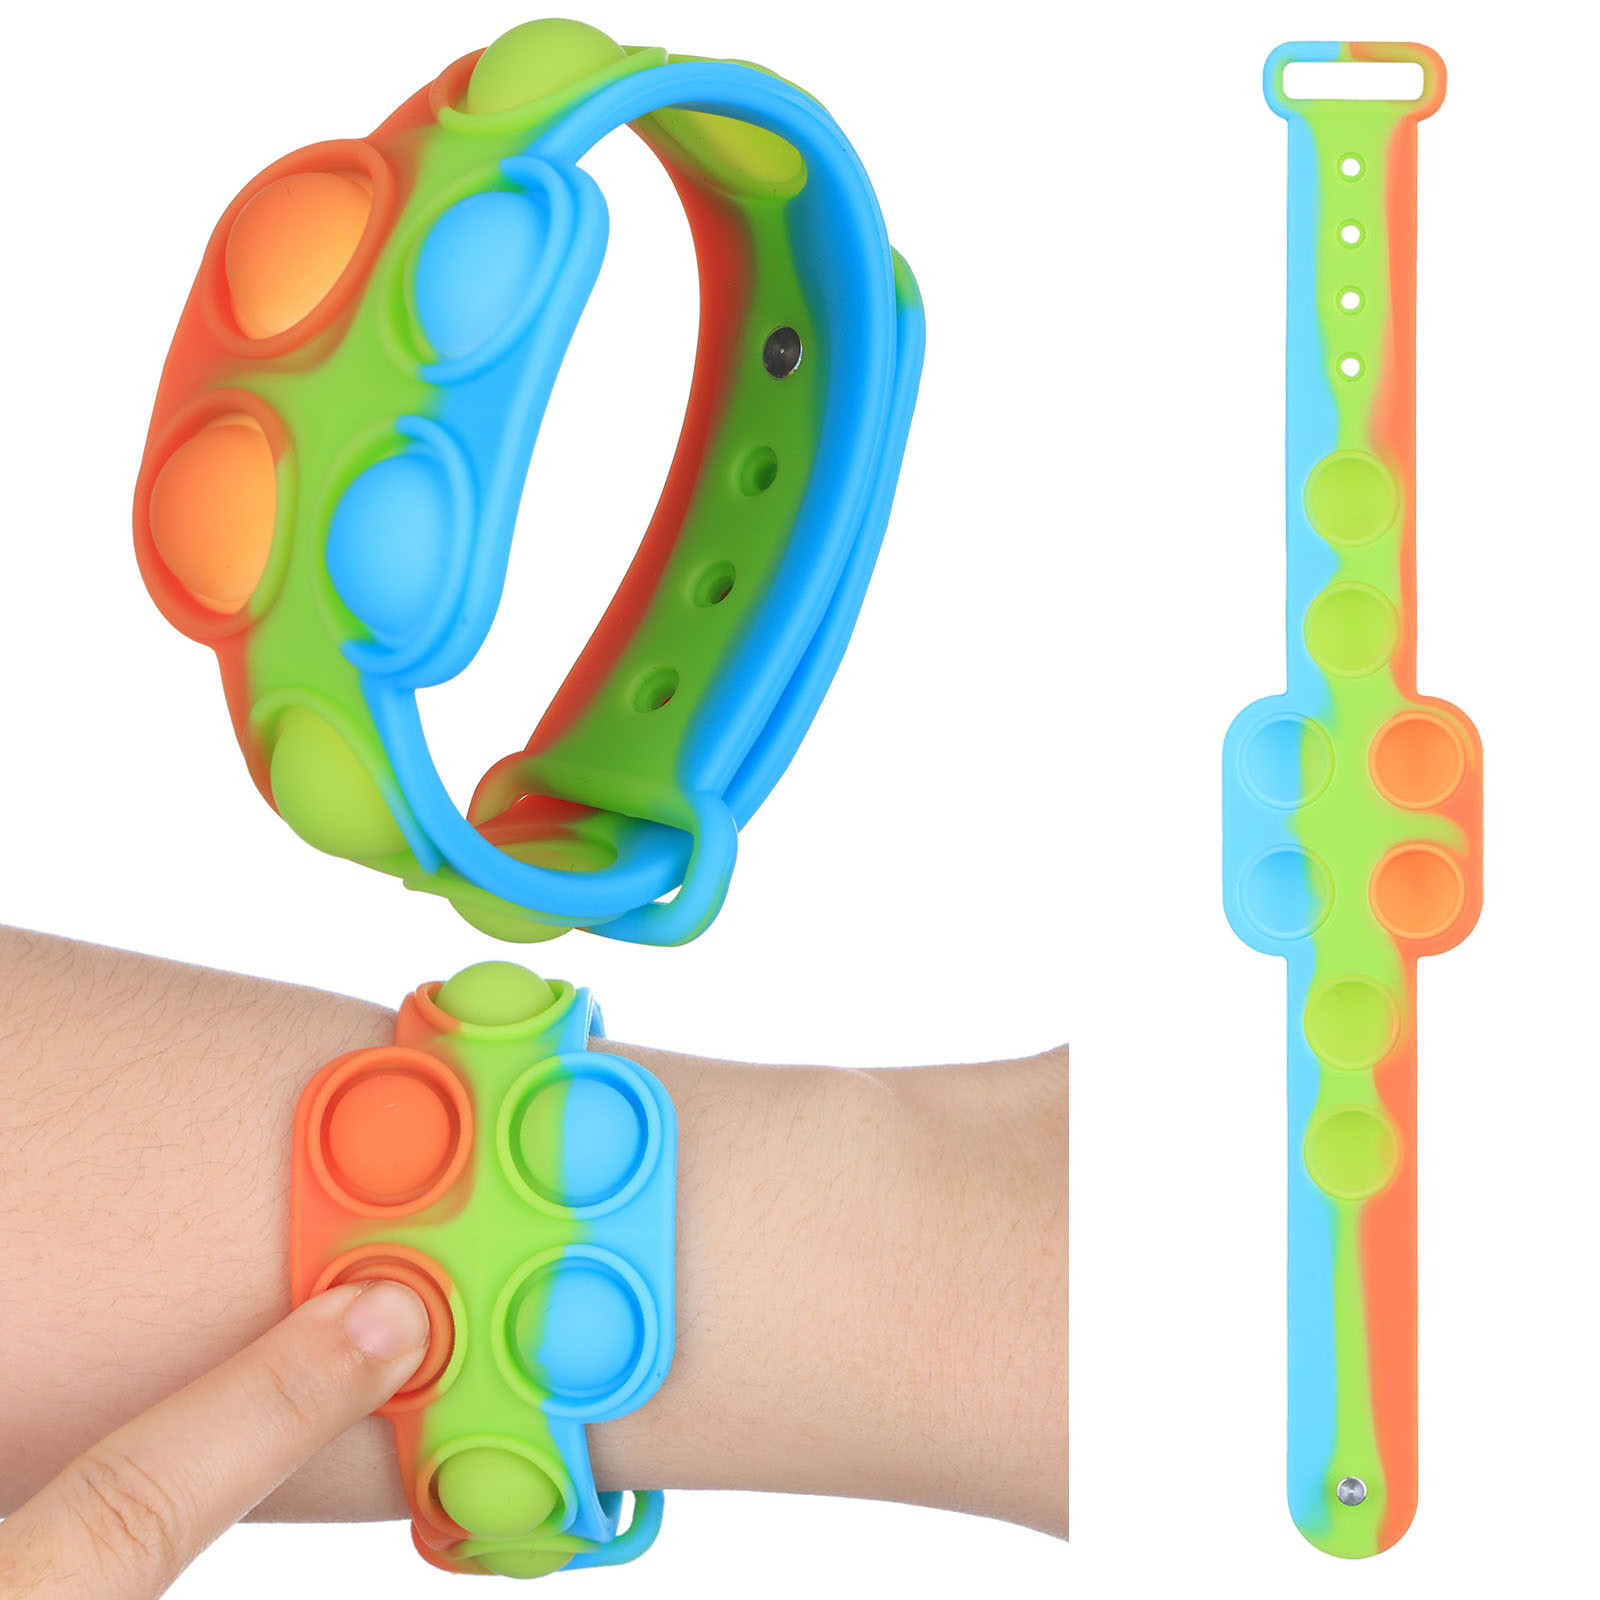 Игрушка-антистресс для рук, снятие стресса с чувствительности, игрушка-антистресс, мини-браслет для декомпрессии, для людей с аутизмом